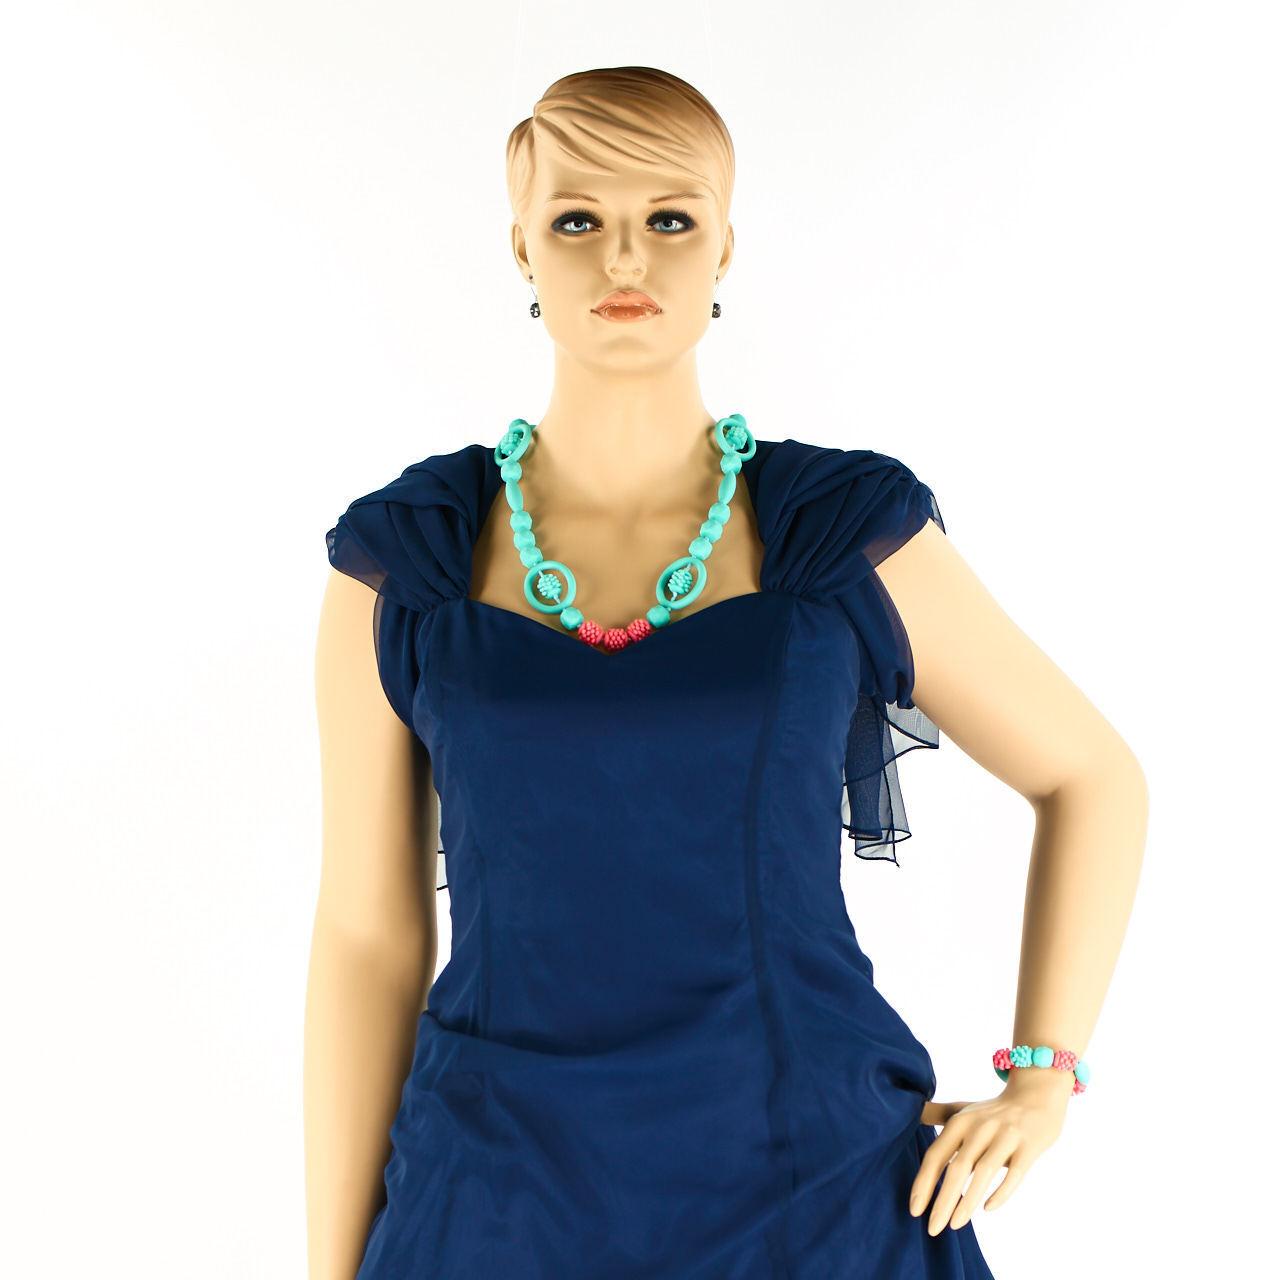 COLLANA + BRACCIALE nel set    anune-foryou  sipellas no 203 in silicone gioielli 562ade